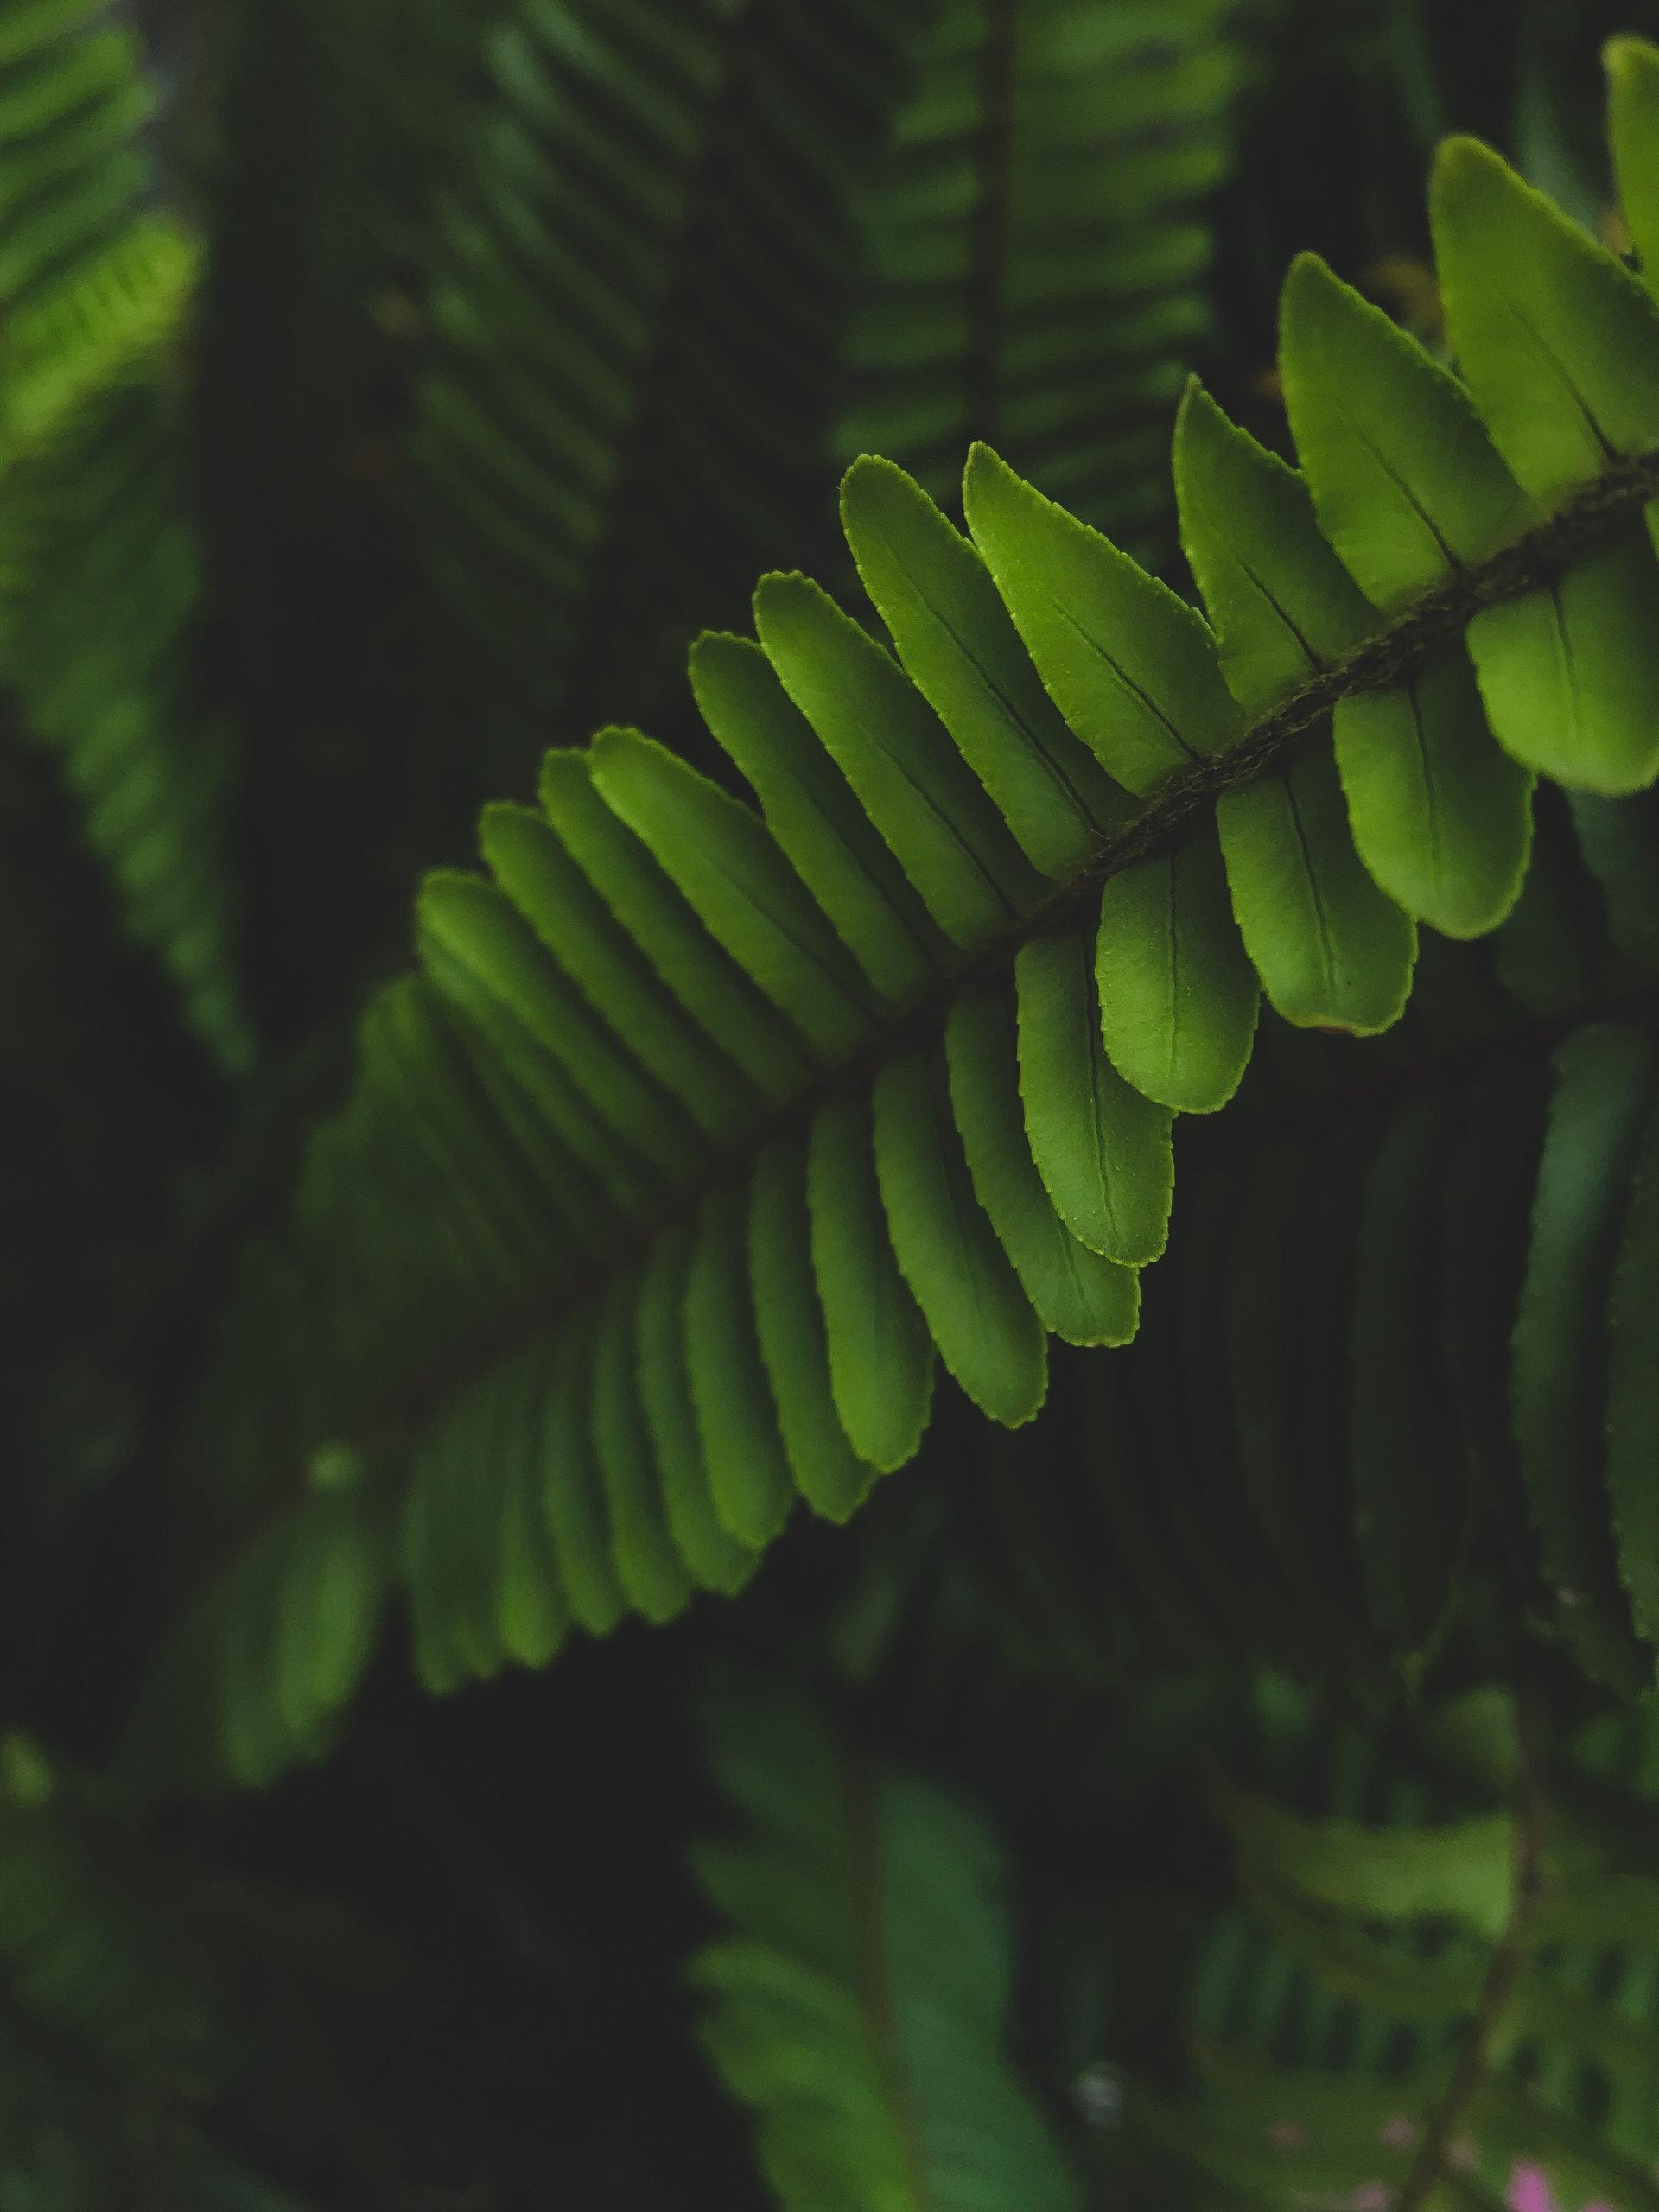 Tick lurk in dense vegetation